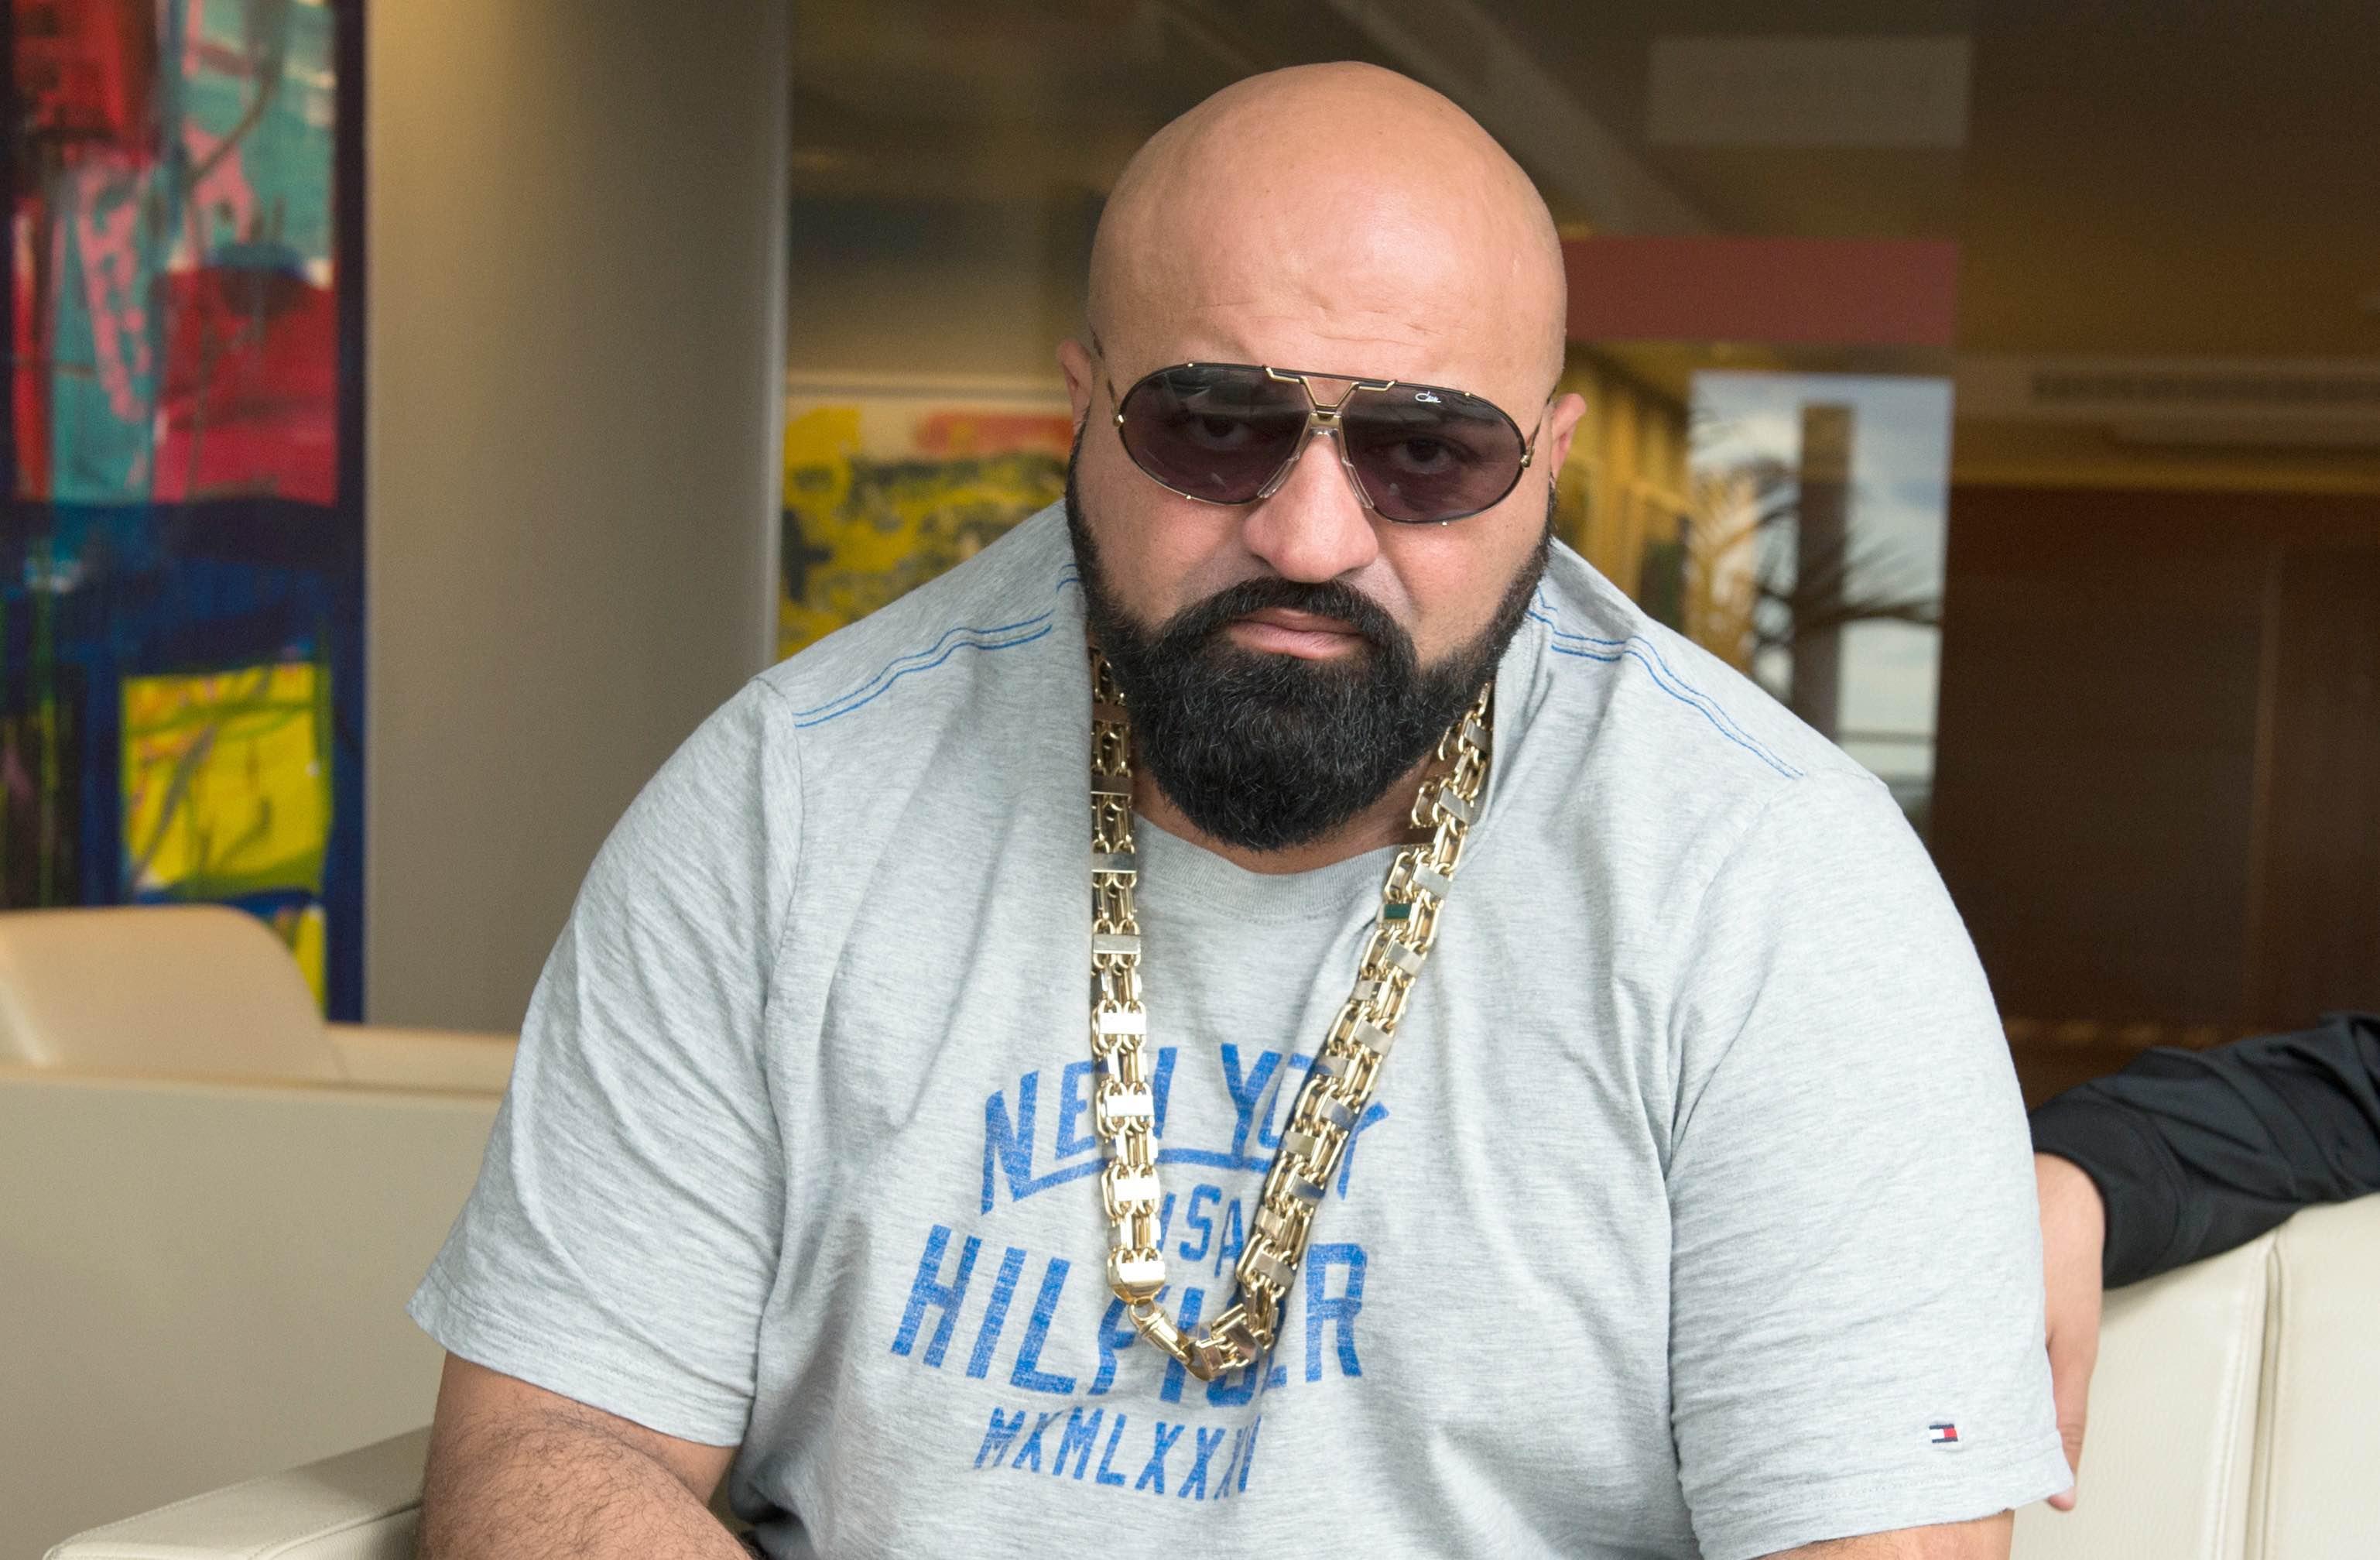 Der Rapper Xatar (l) posiert am 14.07.2016 vor einem Interview für die Kamera. Zusammen mit dem Rapper Haftbefehl rappt er u